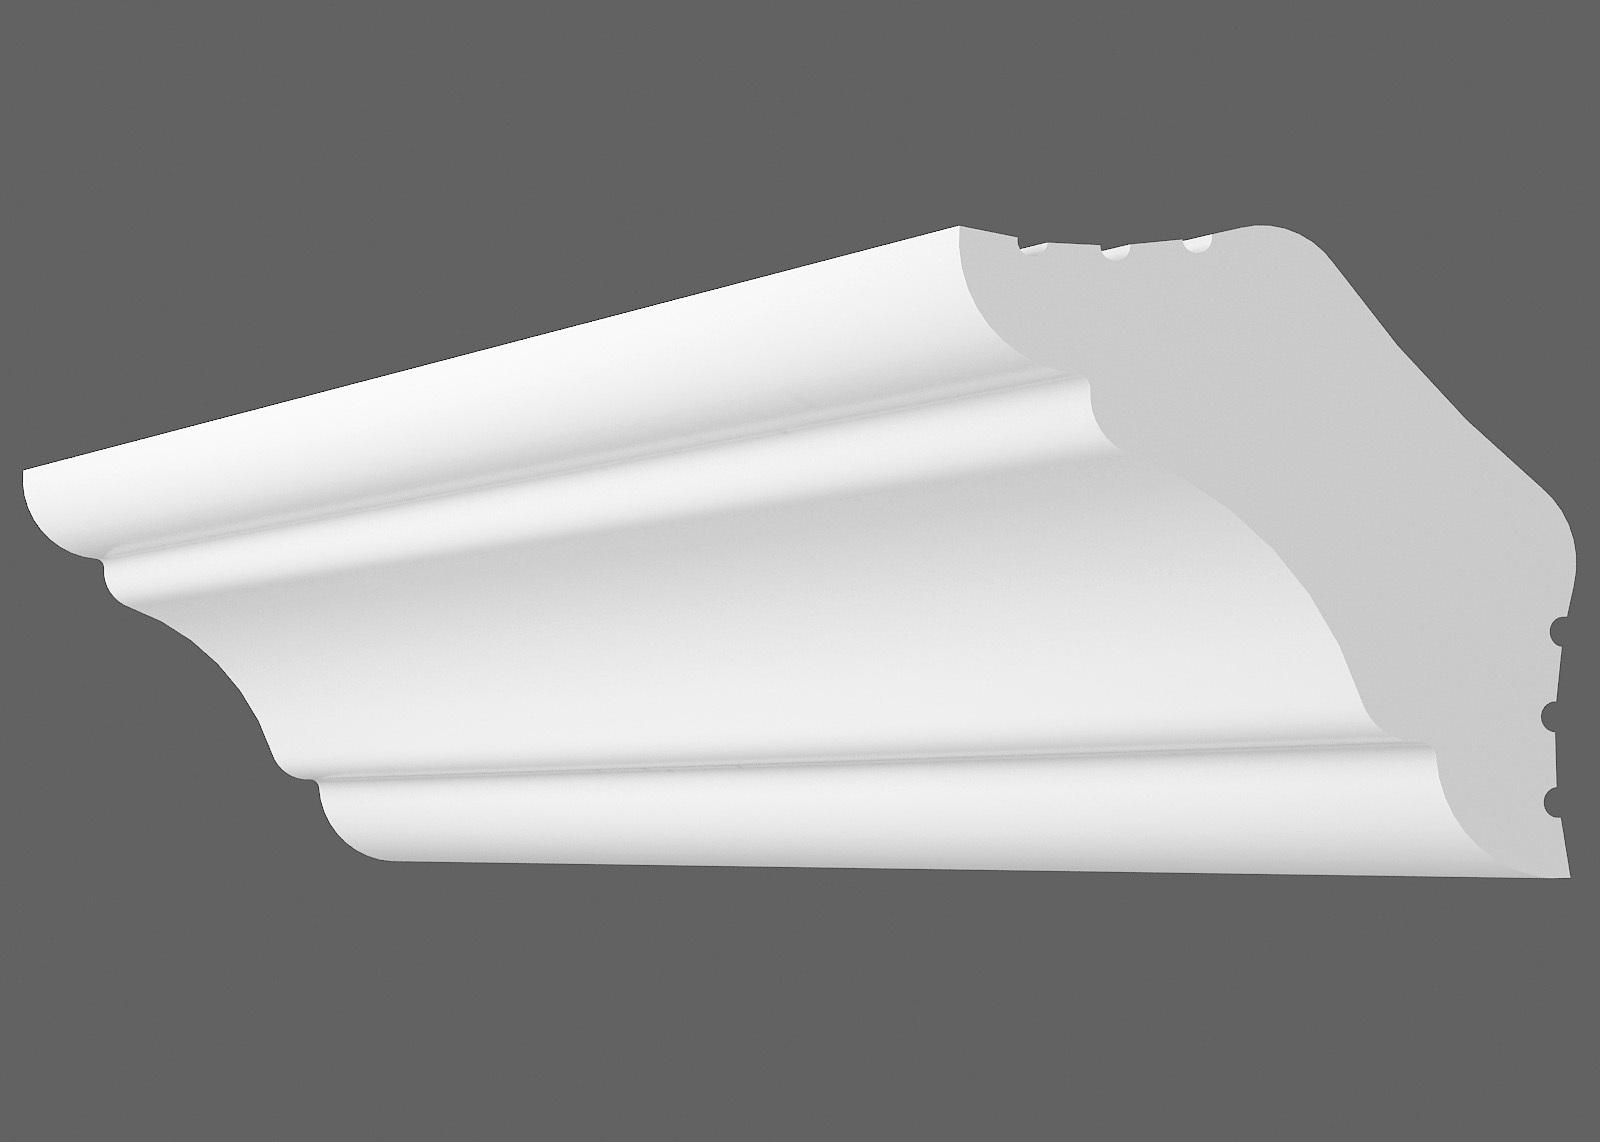 Потолочный плинтус K-25 (Размер:20х20мм)